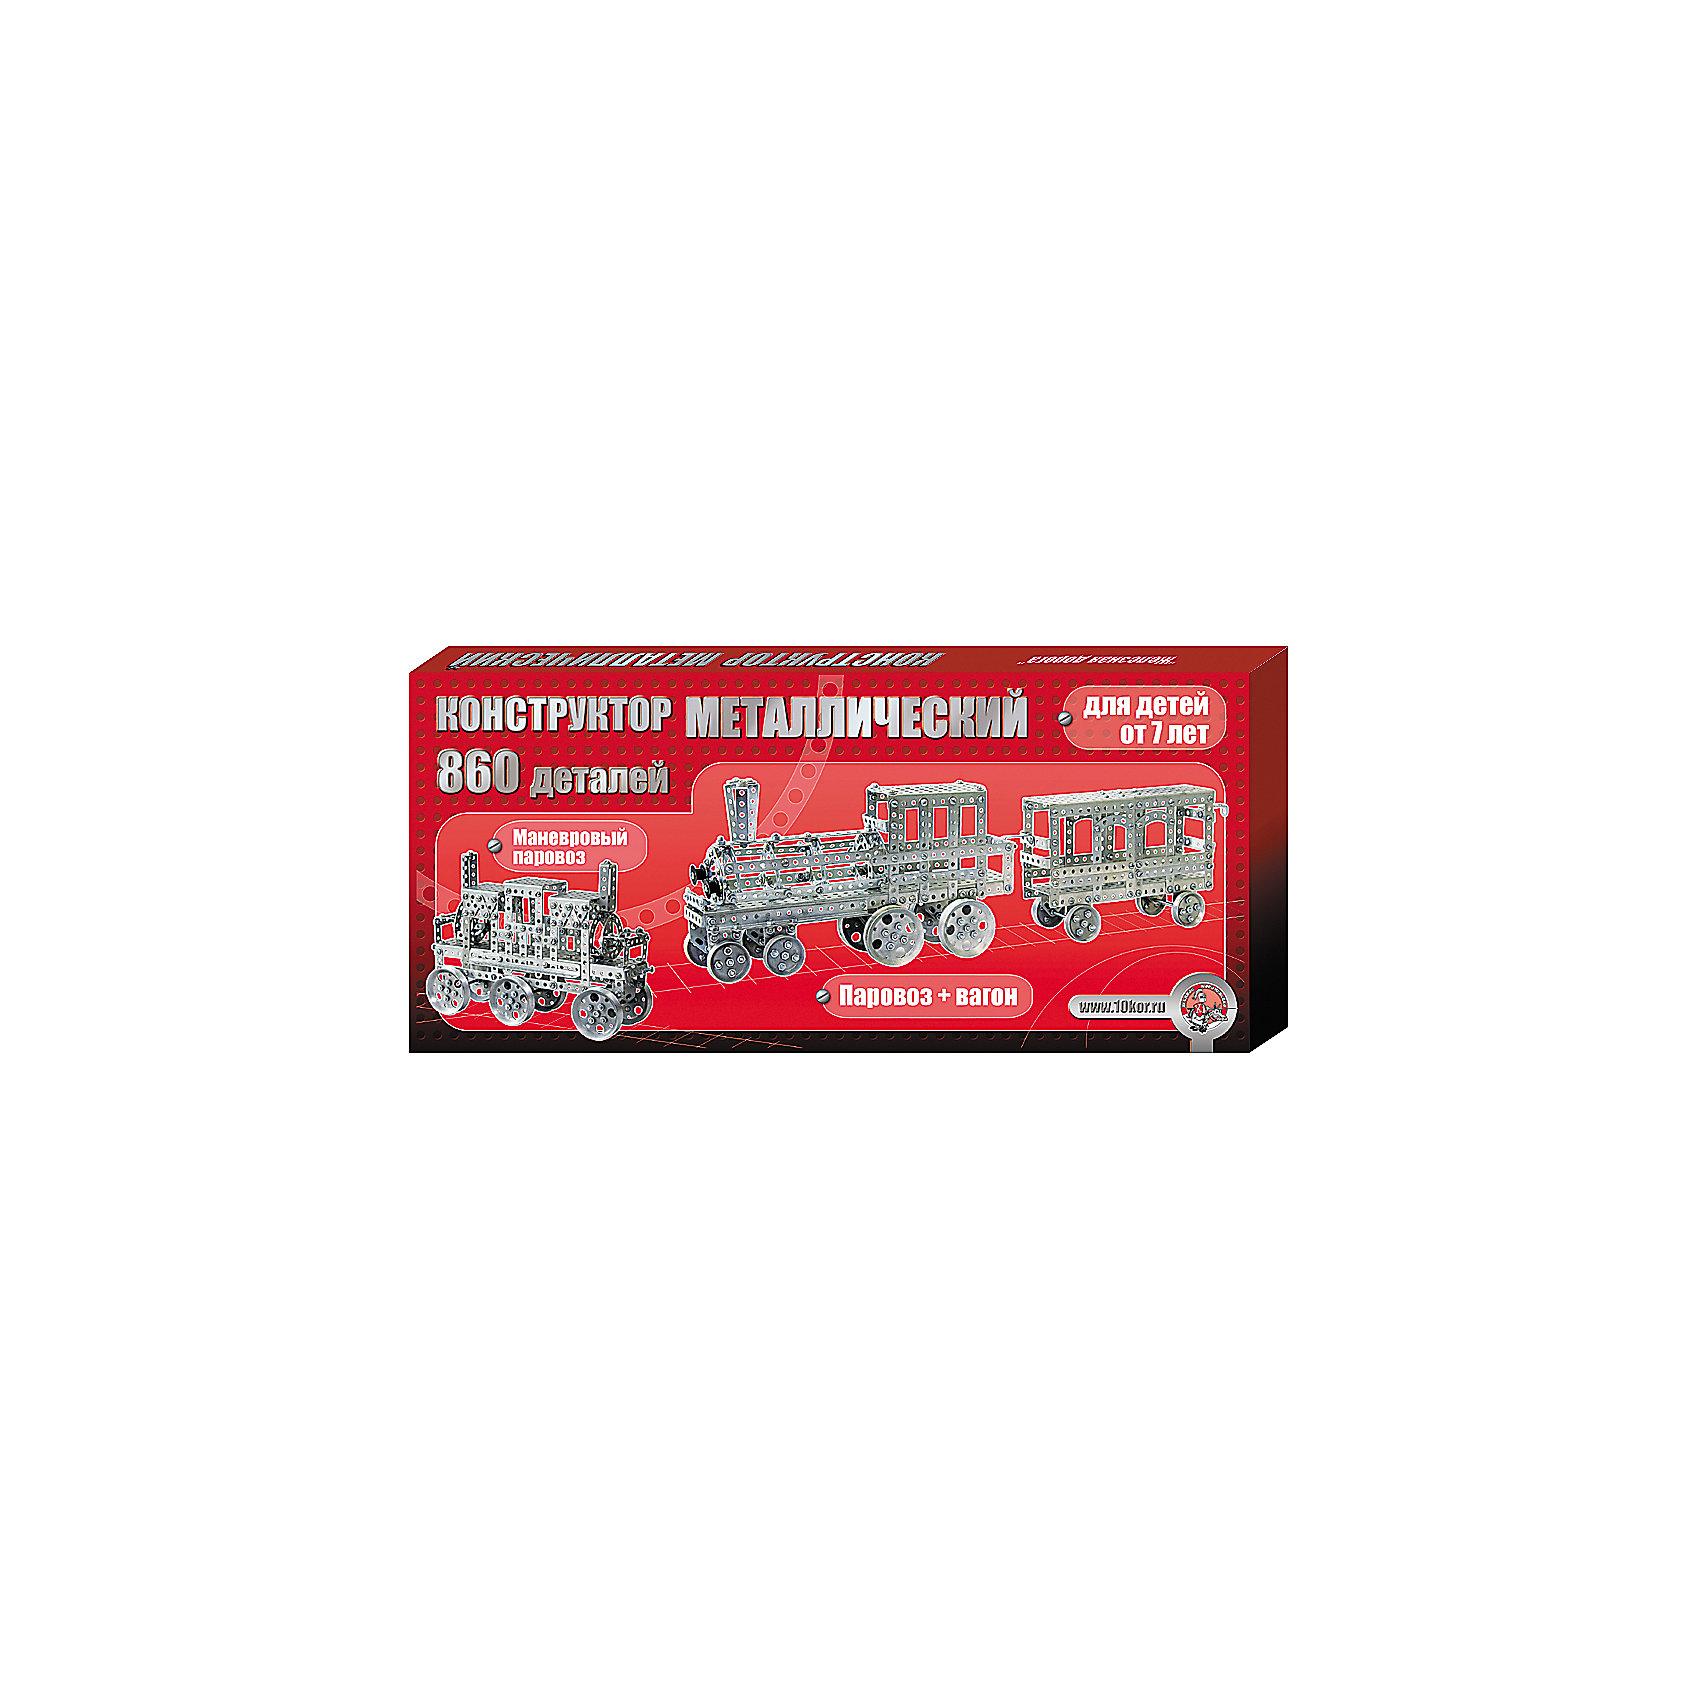 Конструктор металлический Железная дорога, 860 деталей, Десятое королевствоКонструктор металлический Железная дорога, 860 деталей, Десятое королевство<br><br>Характеристики: <br><br>• Возраст: от 6 лет<br>• Материал: металл<br>• В комплекте: 860 детали<br><br>Данный металлический конструктор состоит из различных по размеру деталей и позволяет собрать множество видов транспорта и техники. Он создан из качественного, безопасного для детей материала и в него удобно играть, как в одиночку, так и в компании. Набор содержит инструкцию для удобства сборки и соответствует передовым требованиям качества.<br><br>Конструктор металлический Железная дорога, 860 деталей, Десятое королевство можно купить в нашем интернет-магазине.<br><br>Ширина мм: 525<br>Глубина мм: 240<br>Высота мм: 35<br>Вес г: 2007<br>Возраст от месяцев: 84<br>Возраст до месяцев: 2147483647<br>Пол: Мужской<br>Возраст: Детский<br>SKU: 5473800